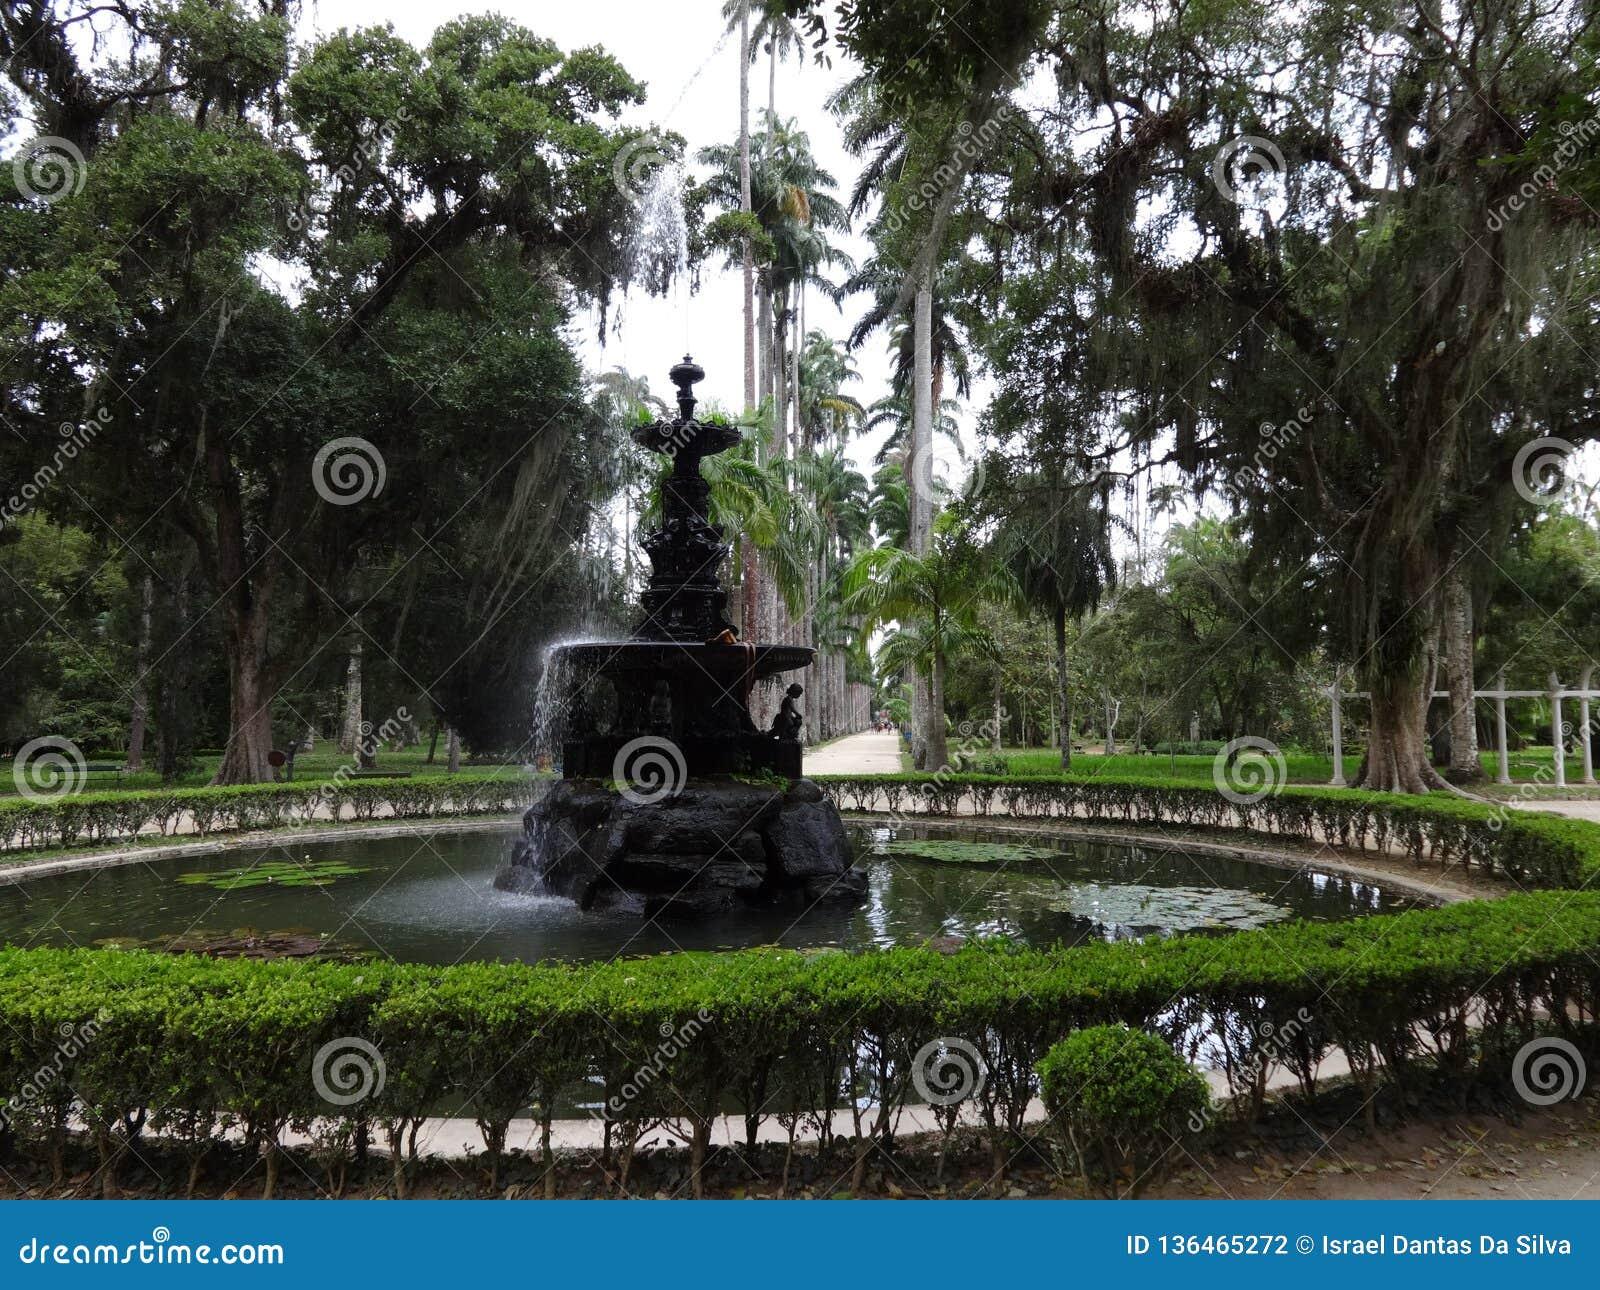 Rio de Janeiro Botanical Garden Fountain